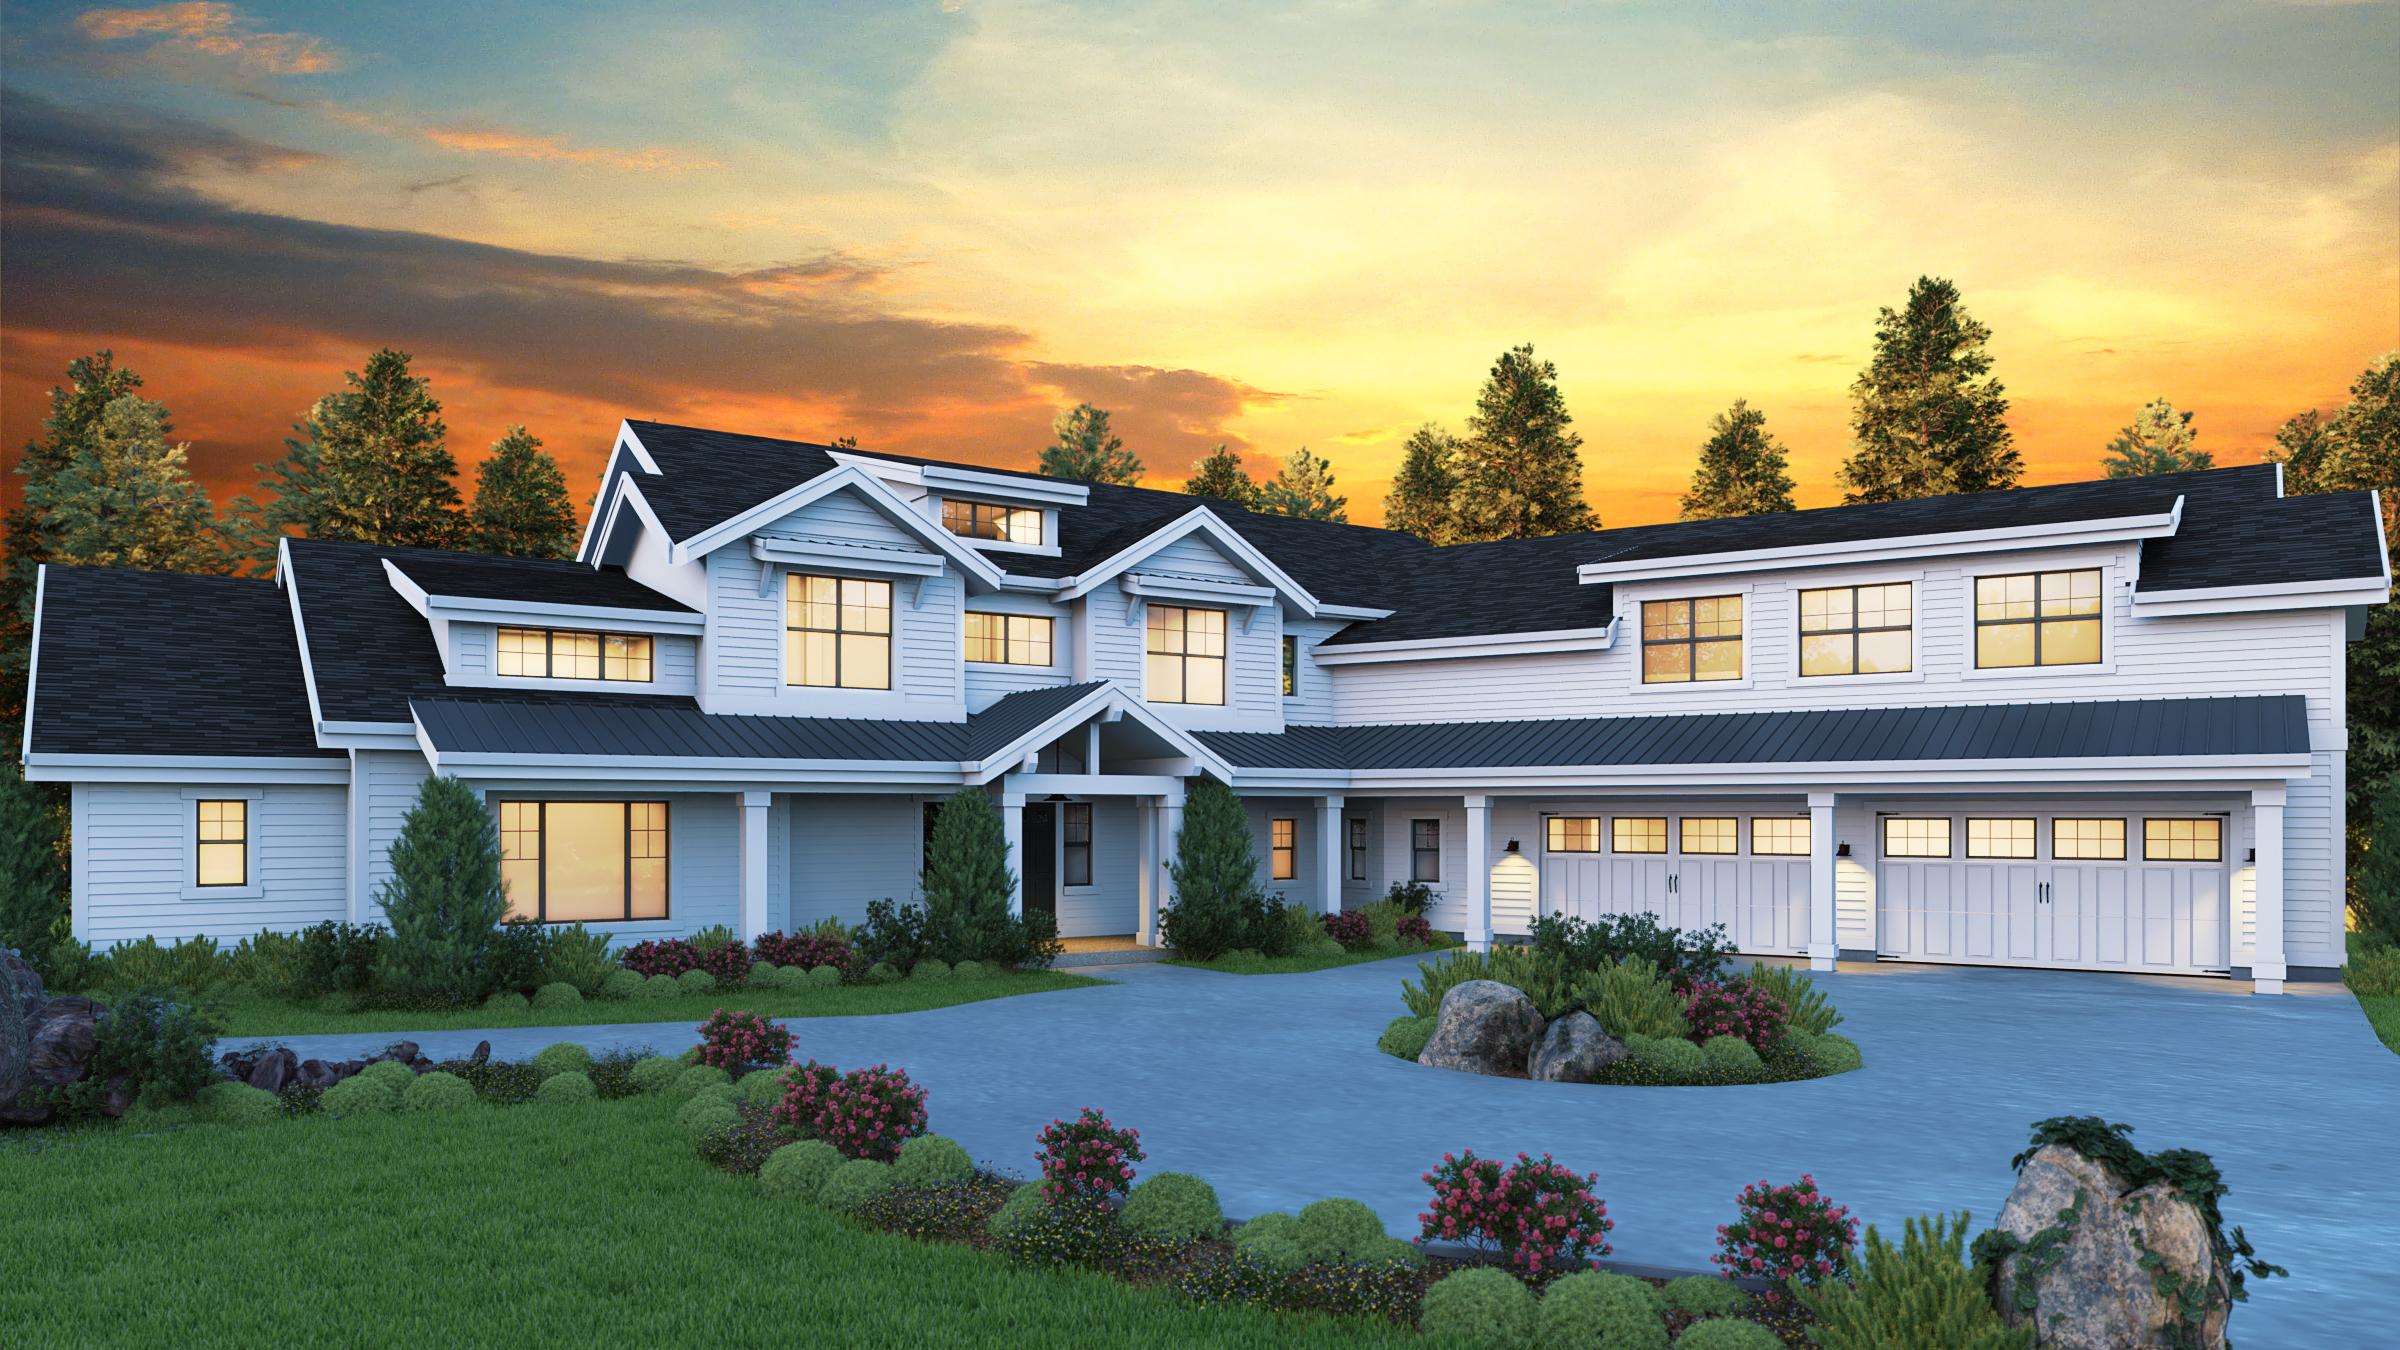 4206 132nd Avenue NE | Bellevue